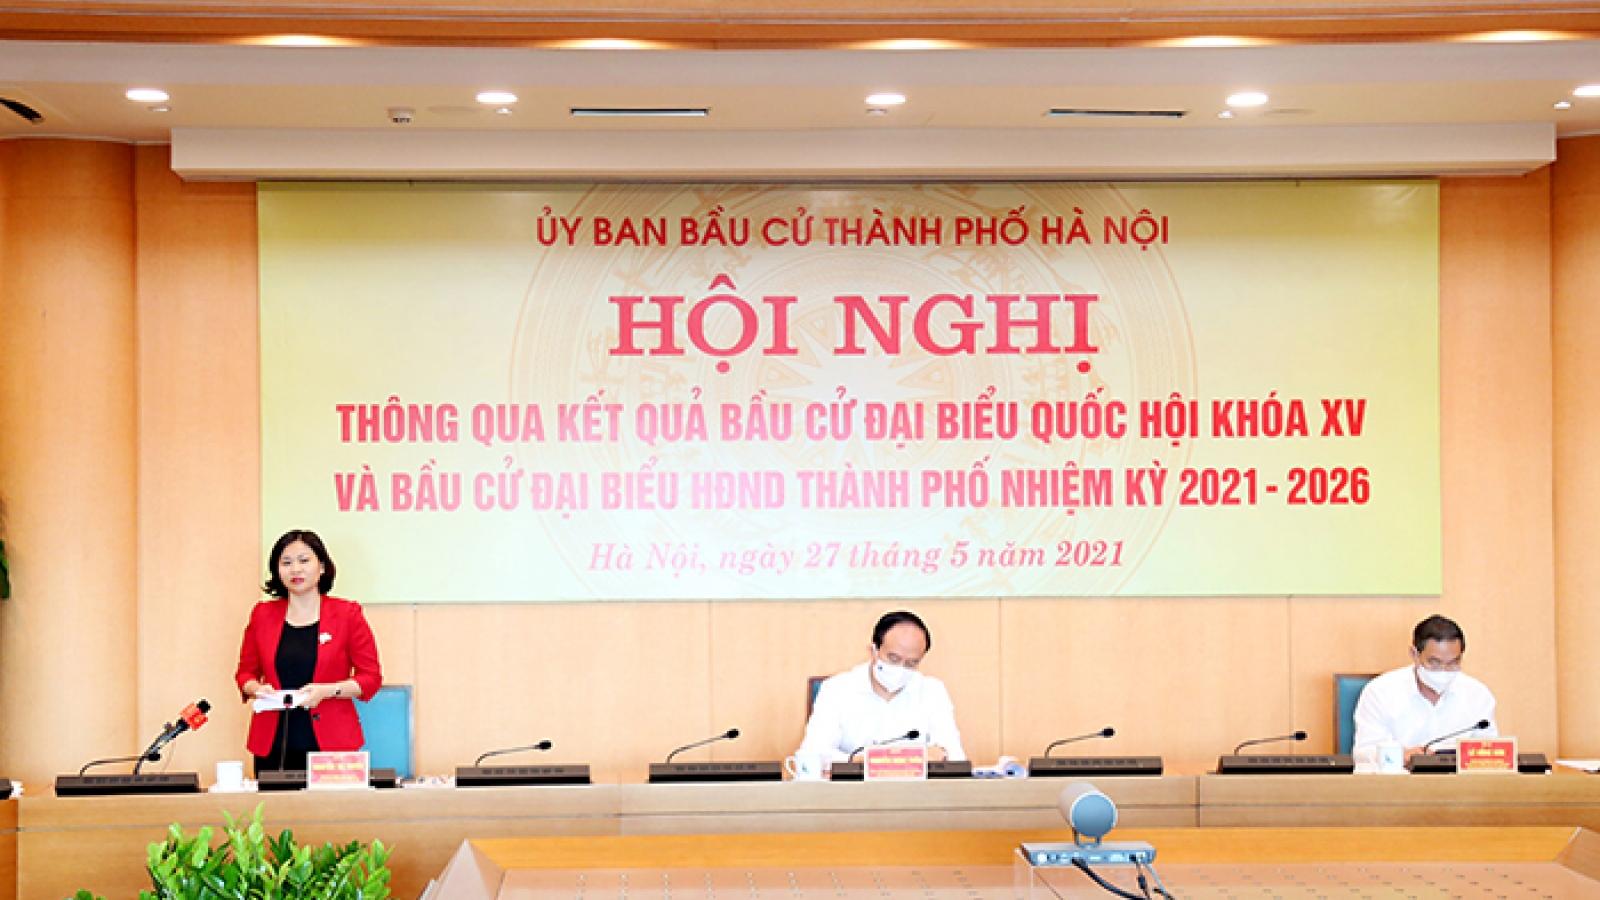 Hà Nội bầu đủ 95 đại biểu HĐND thành phố nhiệm kỳ 2021-2026